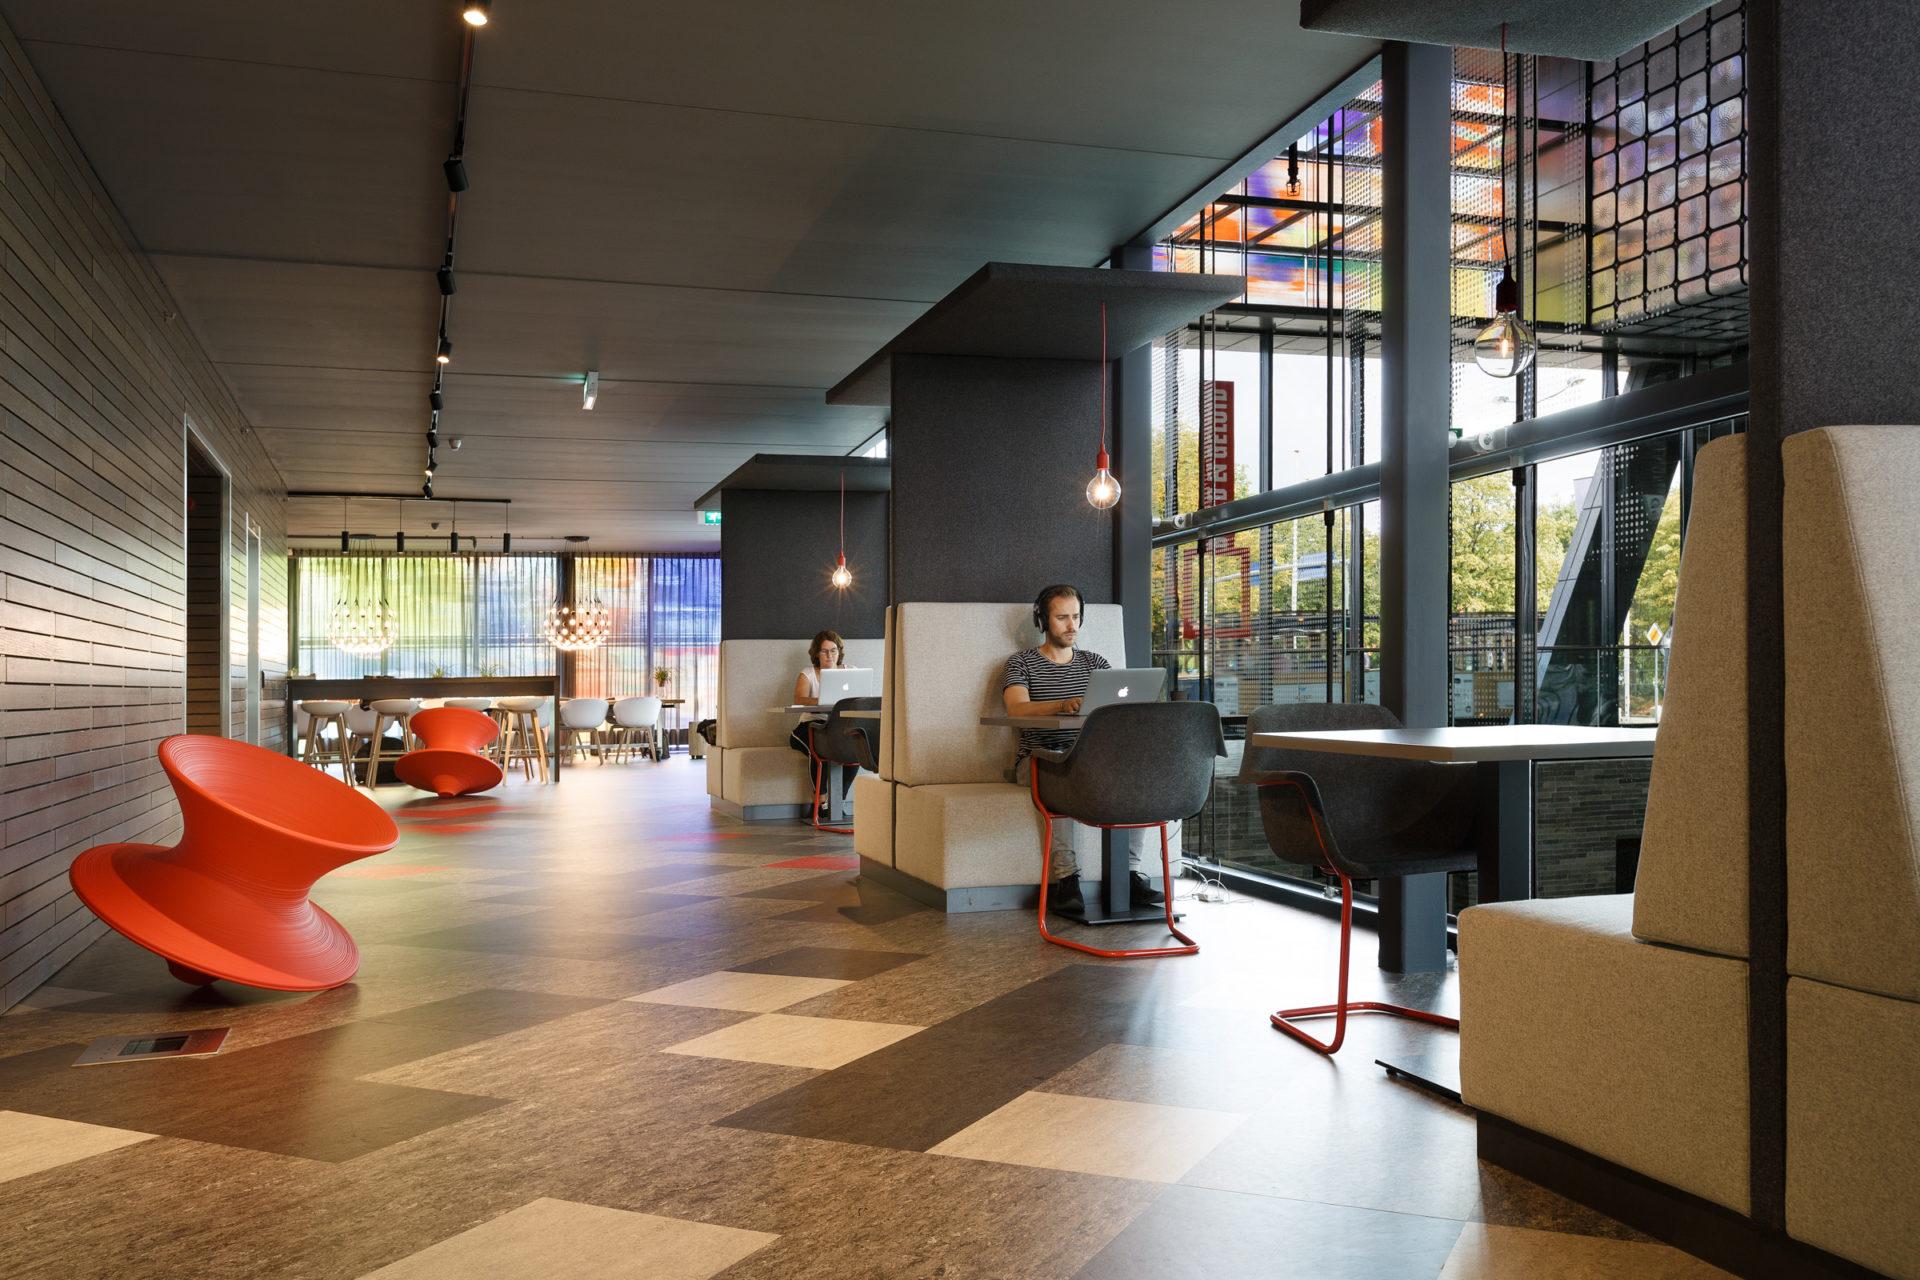 Topperprojecten - Nederlands Instituut voor Beeld en Geluid 8